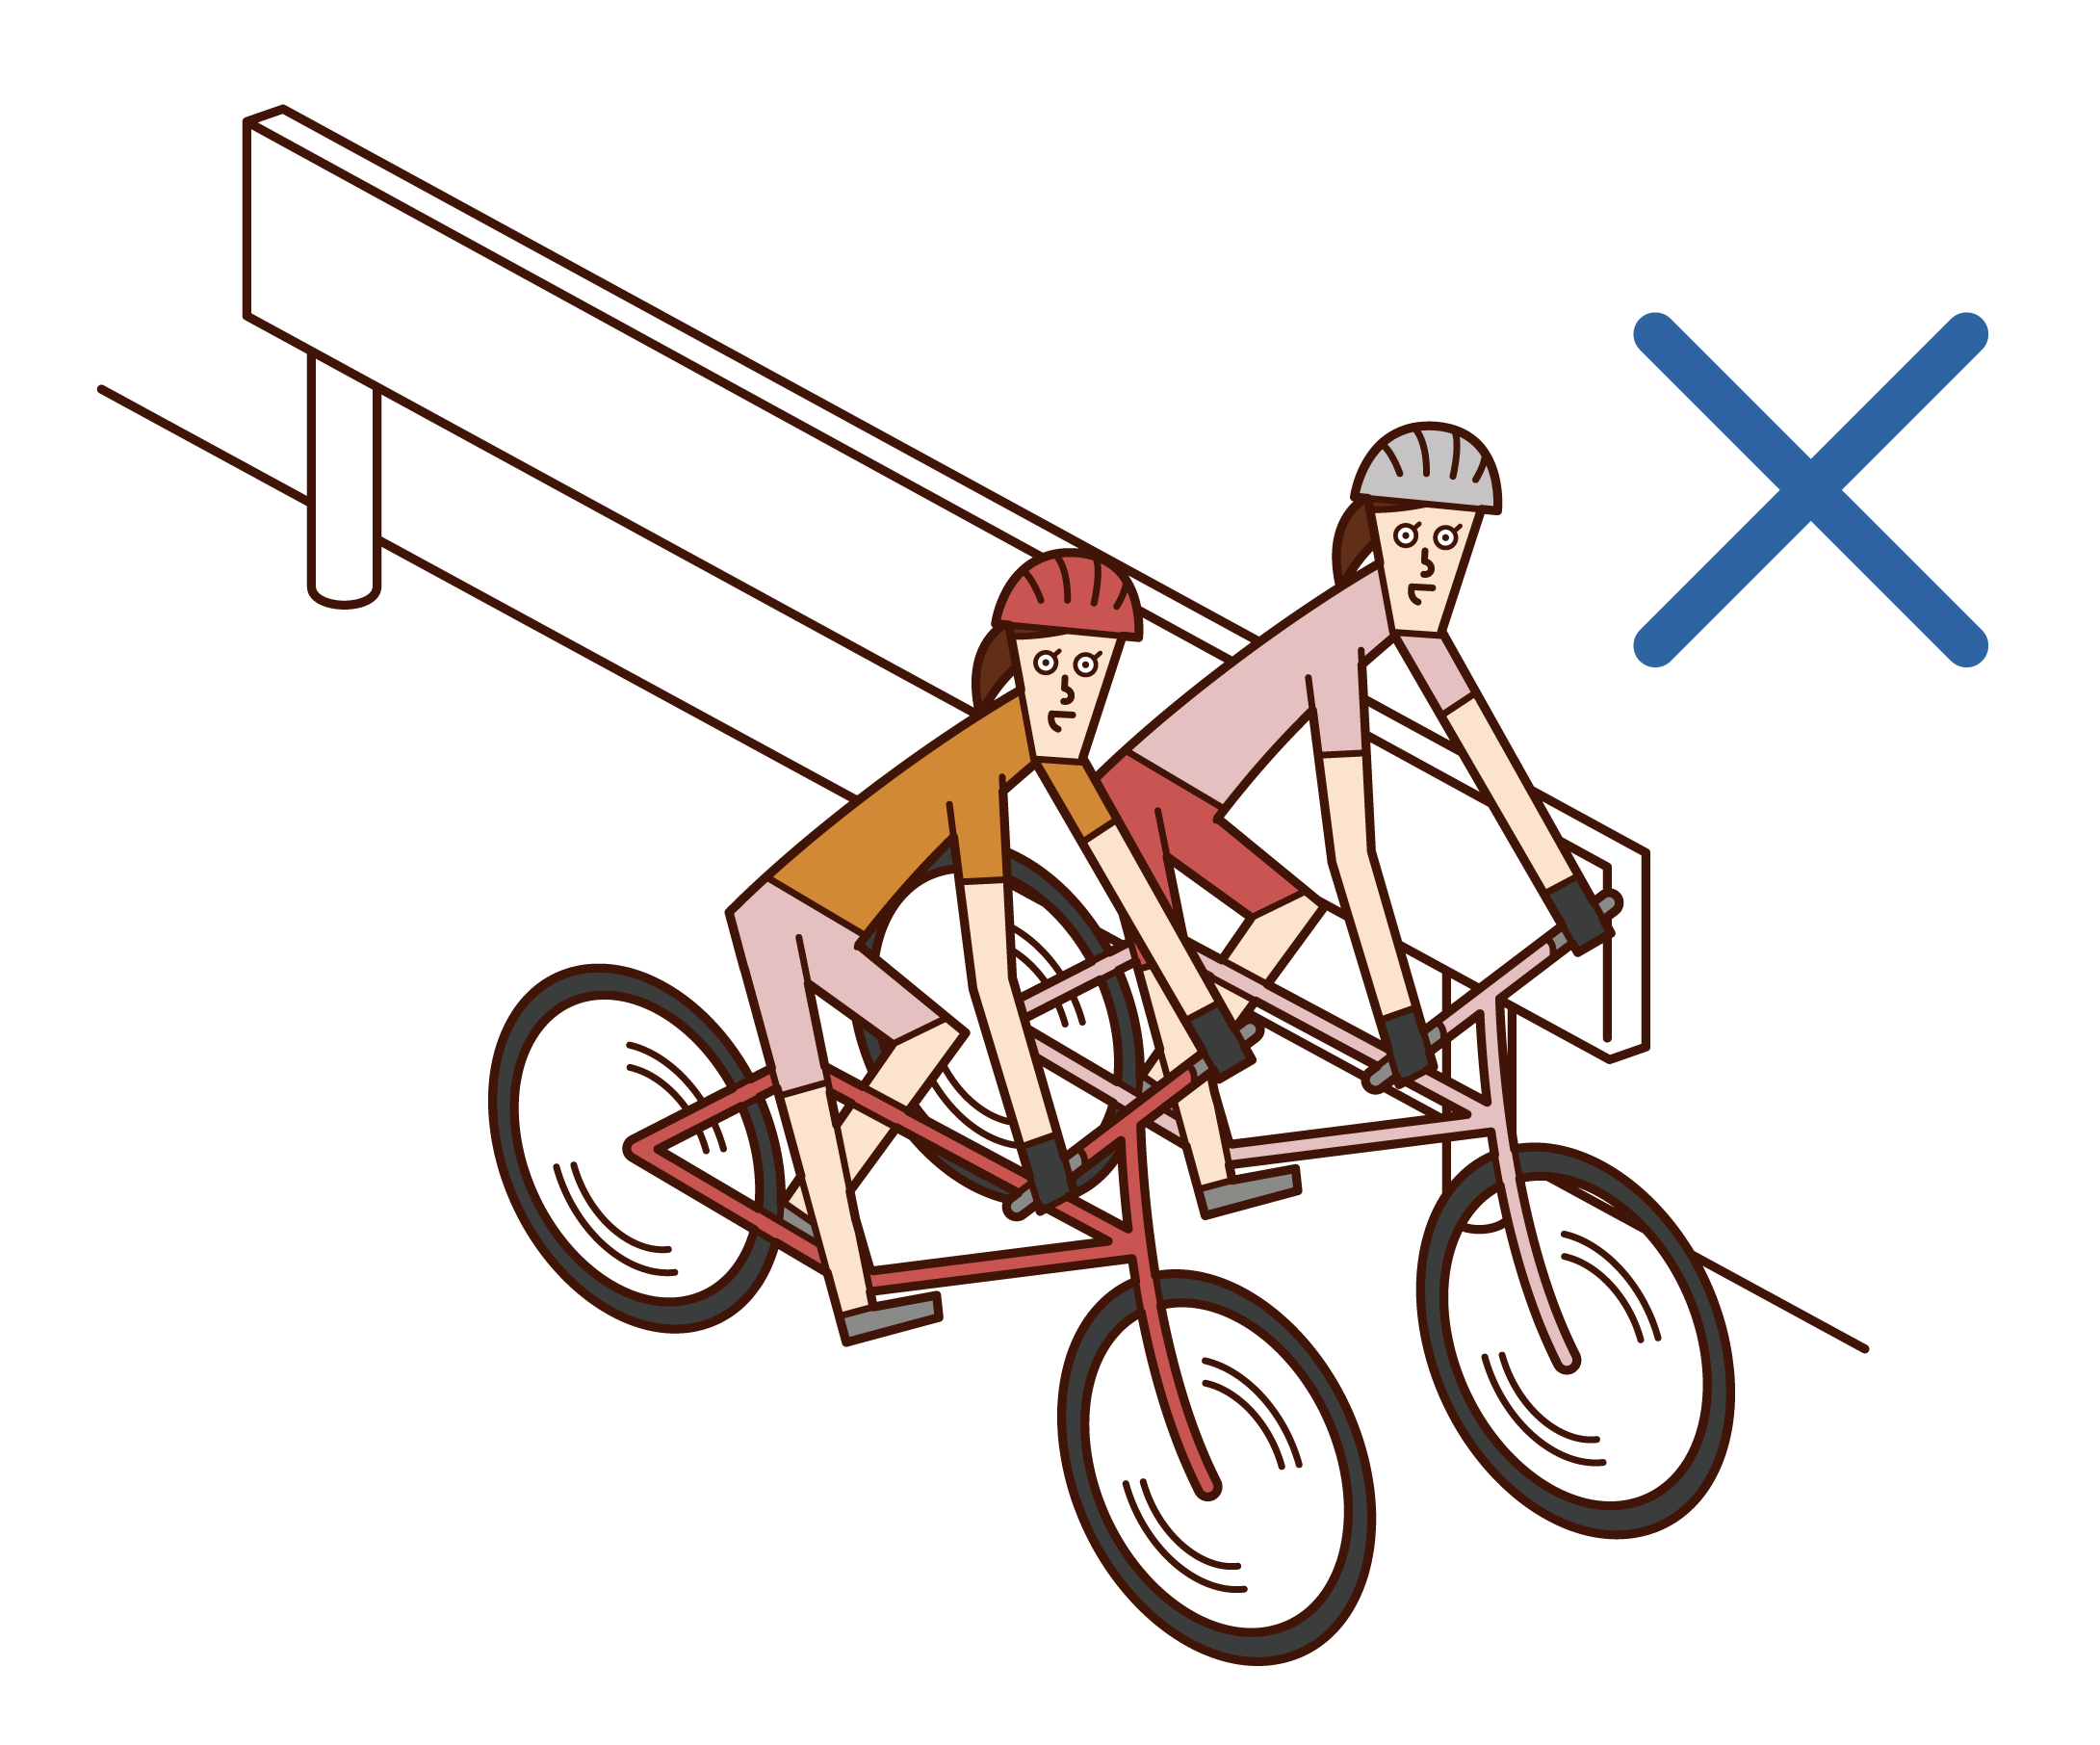 자전거를 타고 나란히 달리는 사람(여성)의 일러스트